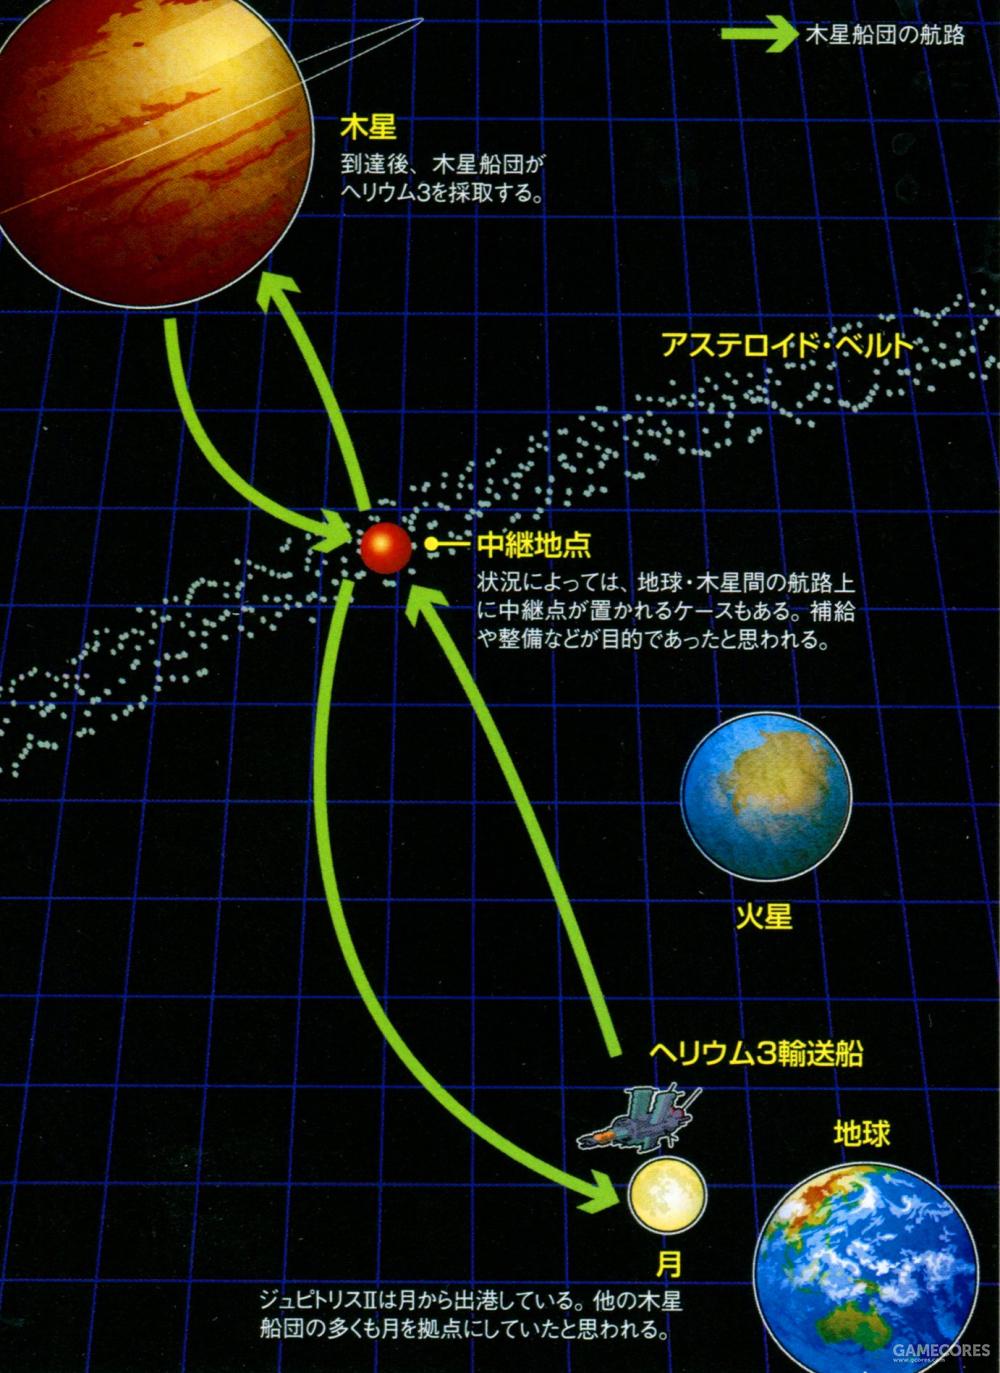 木星船团从绕月轨道出发,在小行星带的基地中进行中继补给后到达木星。采集完成后依旧在小行星带进行中继补给,然后返回地球圈轨道。